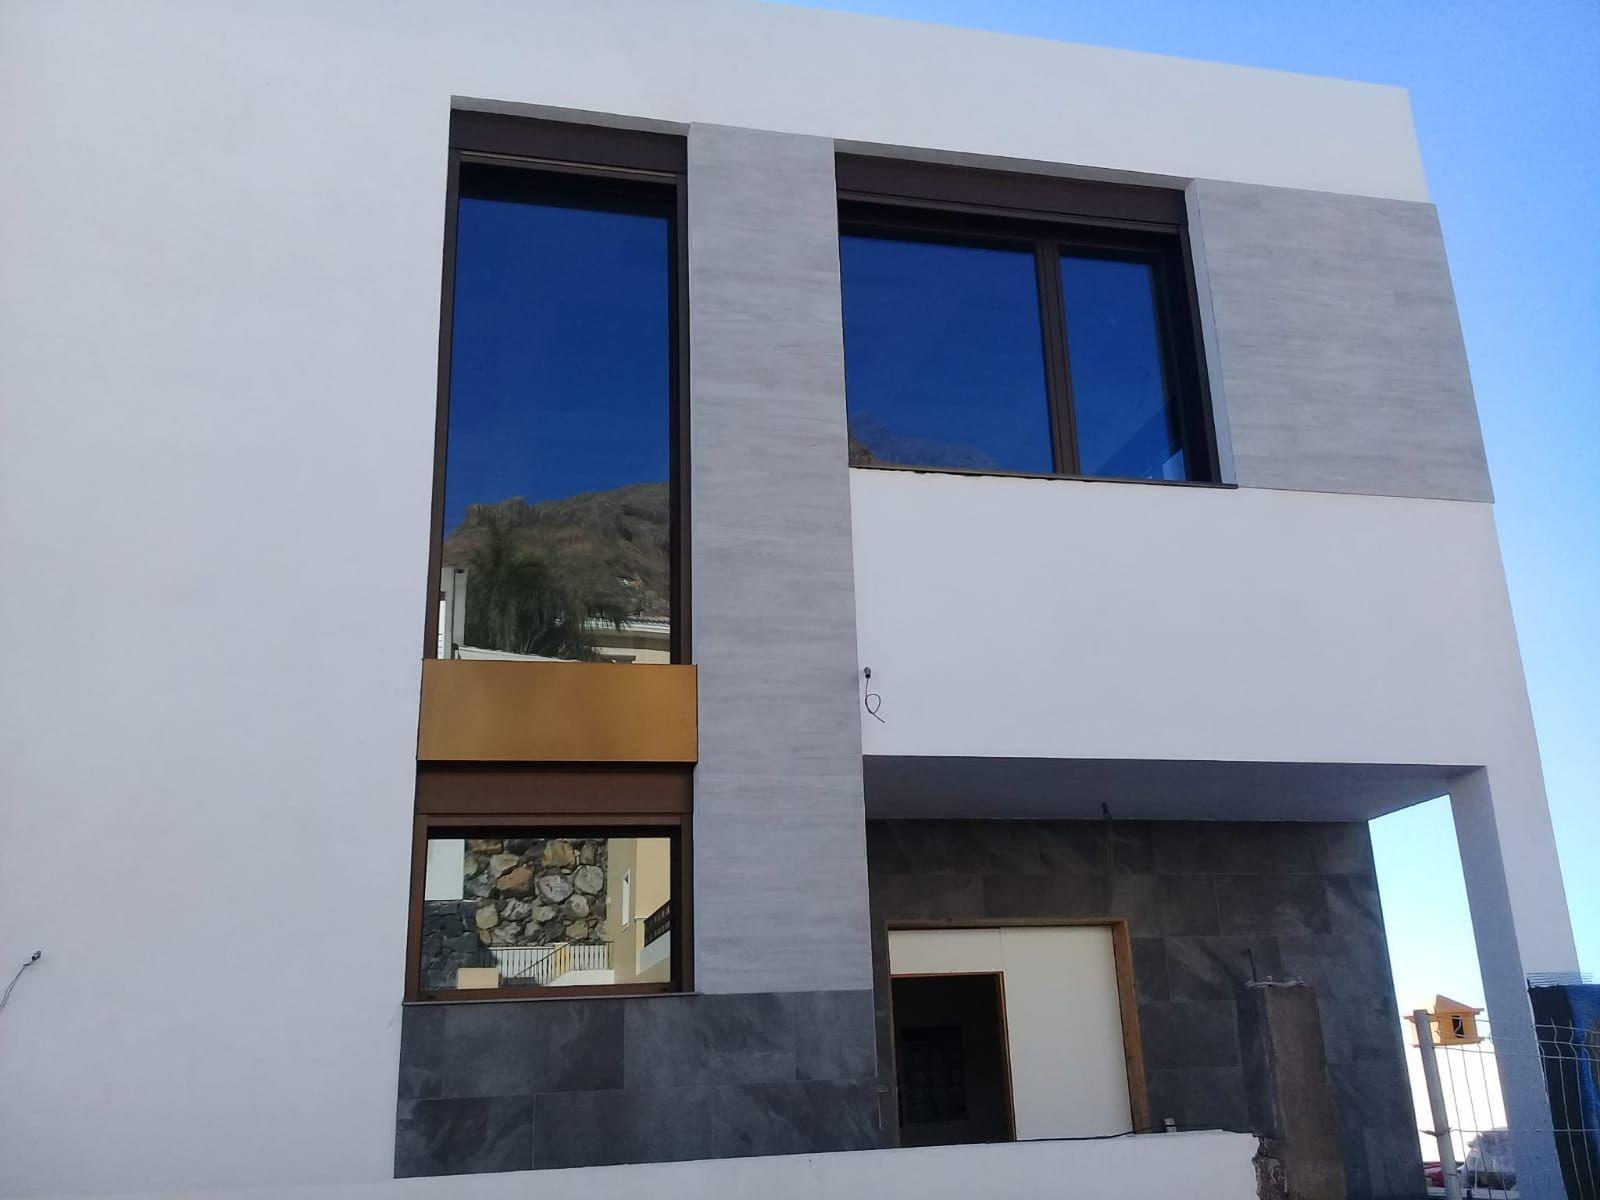 Foto 37 de Carpintería de aluminio, metálica y PVC en La Matanza | Namiju Aluminios